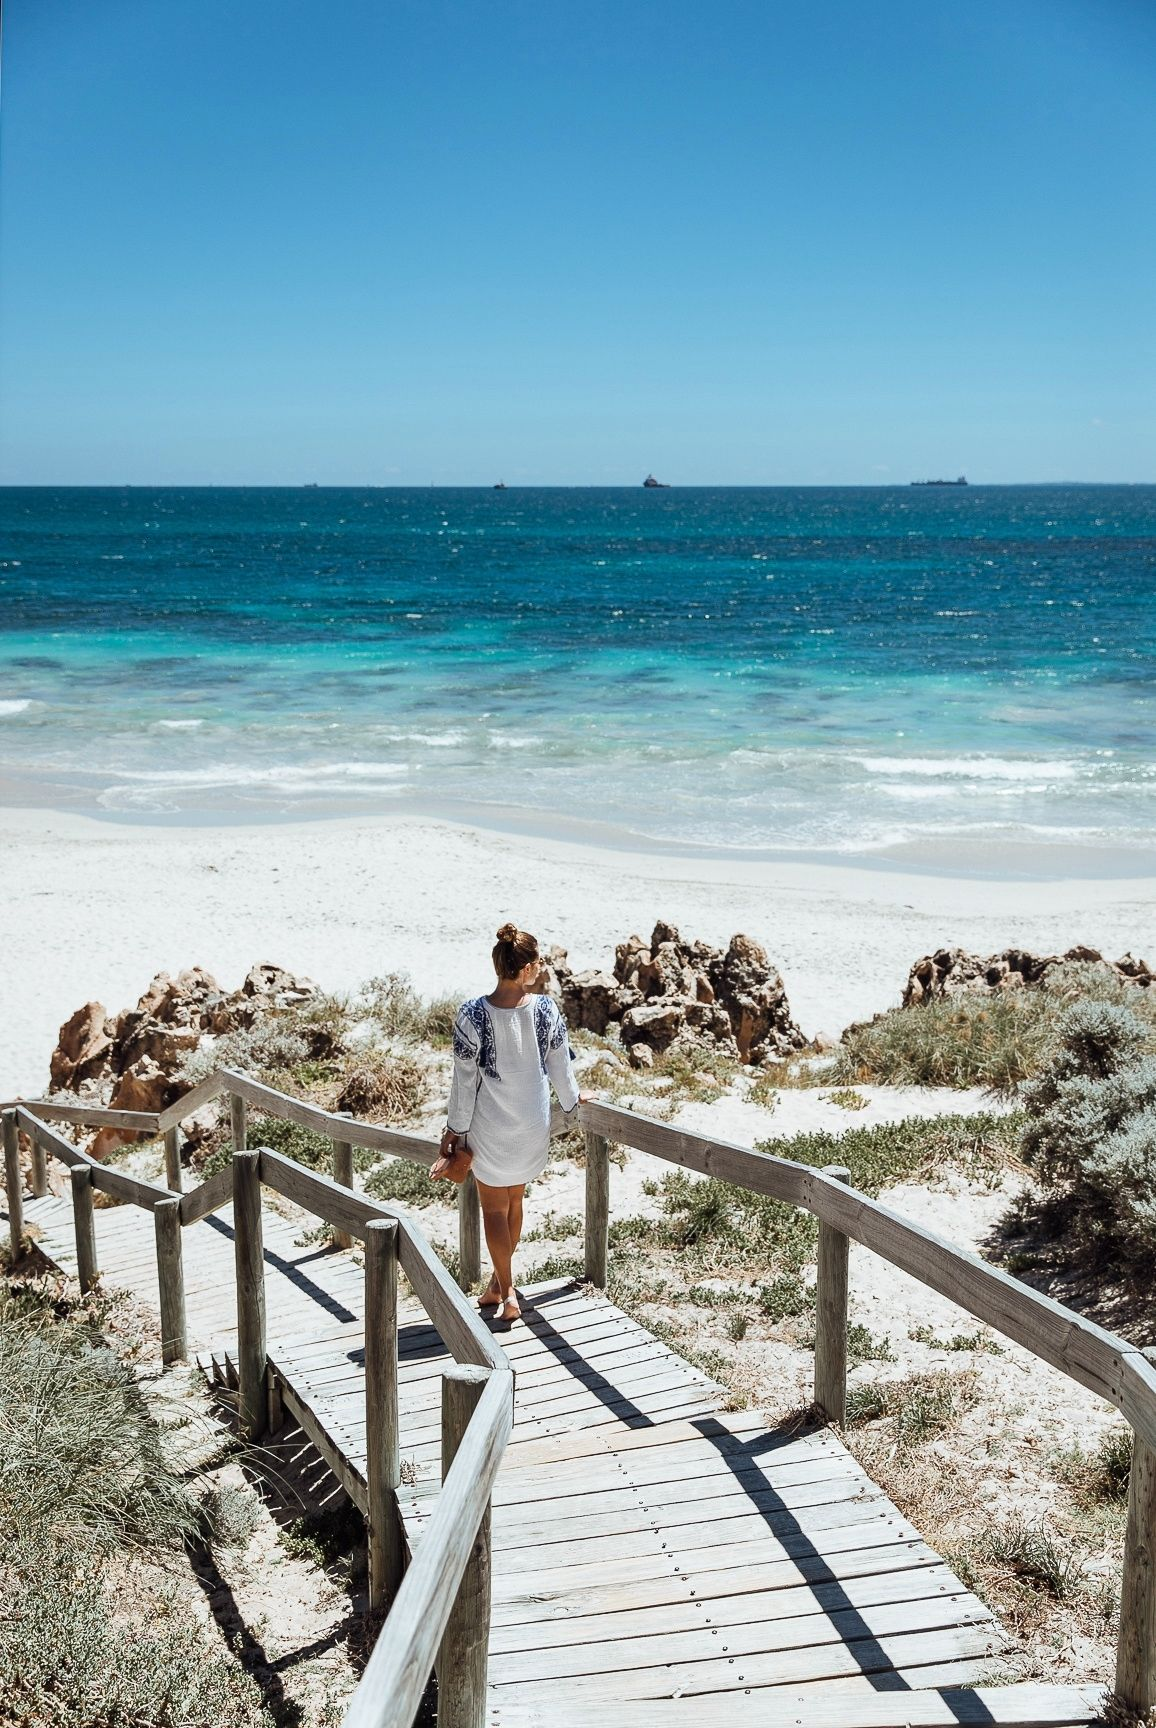 Cottlesloe Beach in der Nähe von Perth in Western Australia - Traumstrand in Australien